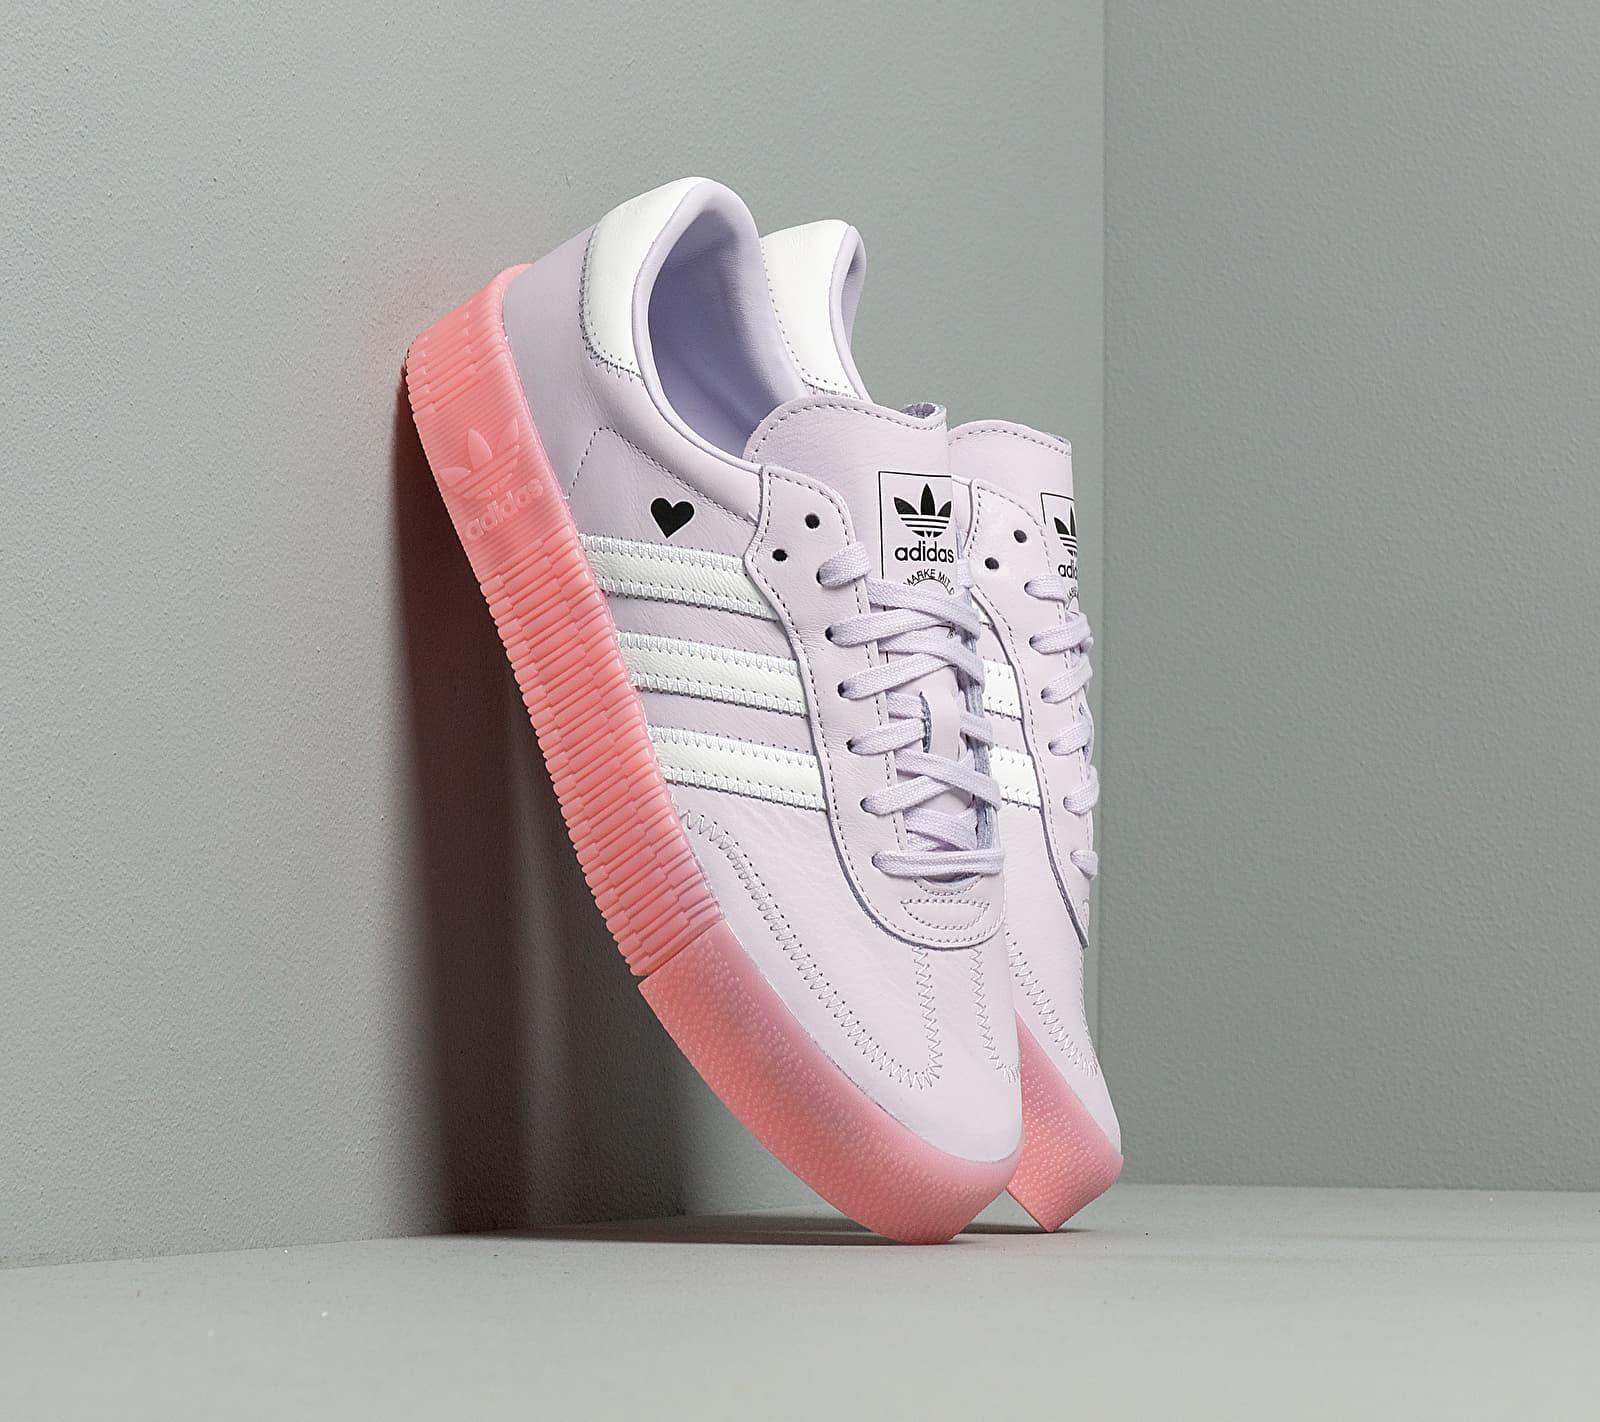 adidas Sambarose W Purple Tint/ Ftw White/ Glow Pink EUR 41 1/3